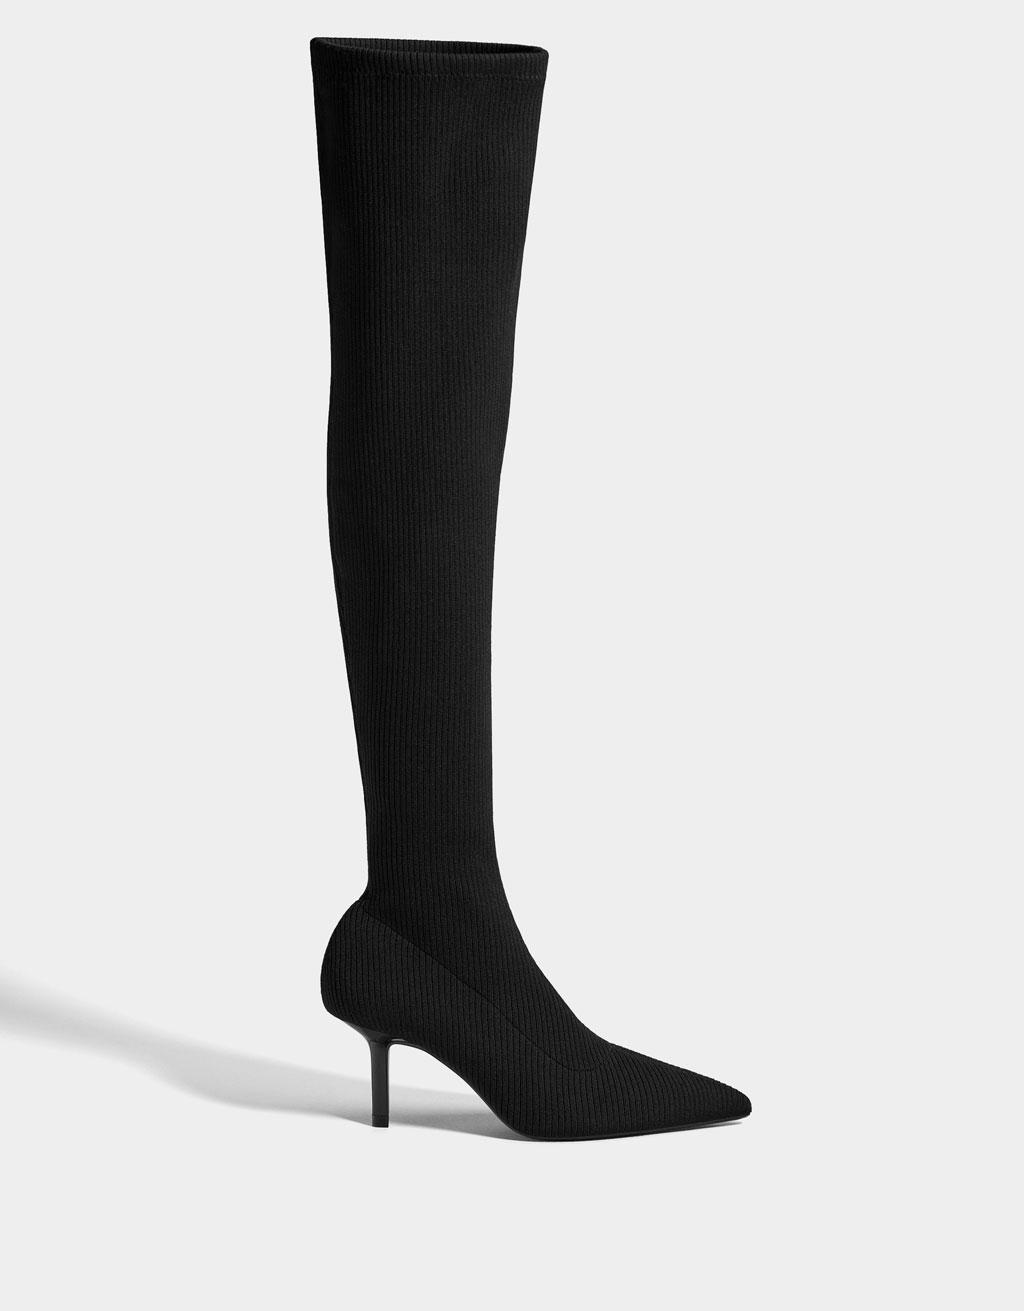 Botas tipo meia, Bershka, 39,99 euros